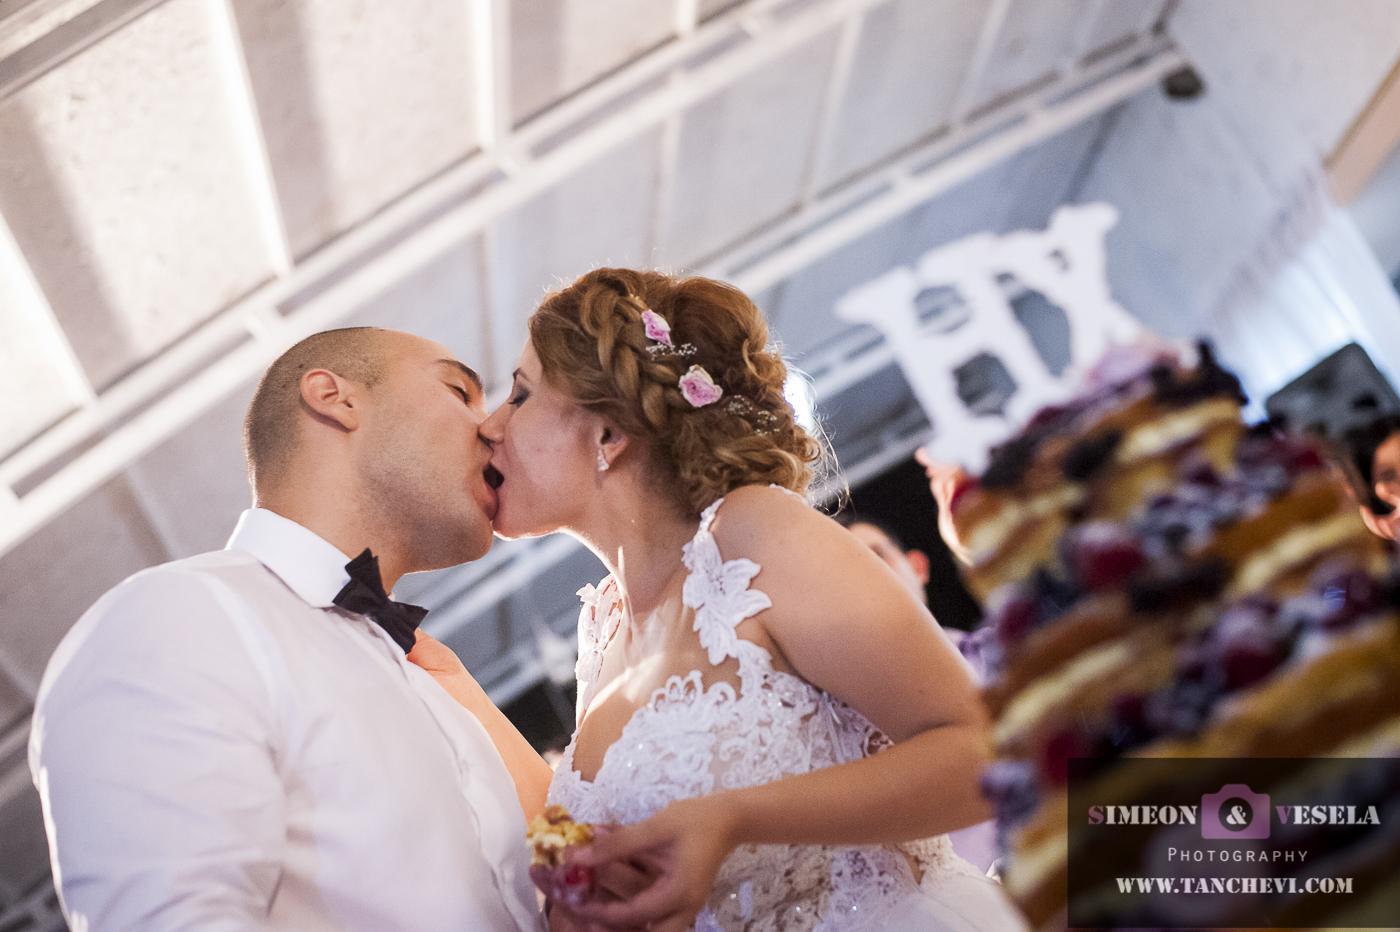 Уловени сватбени моменти в сватбен репортаж от сватбен фотограф в София, Пловдив, Пазарджик, Бургас, Варна, Стара Загора, Ямбол 316